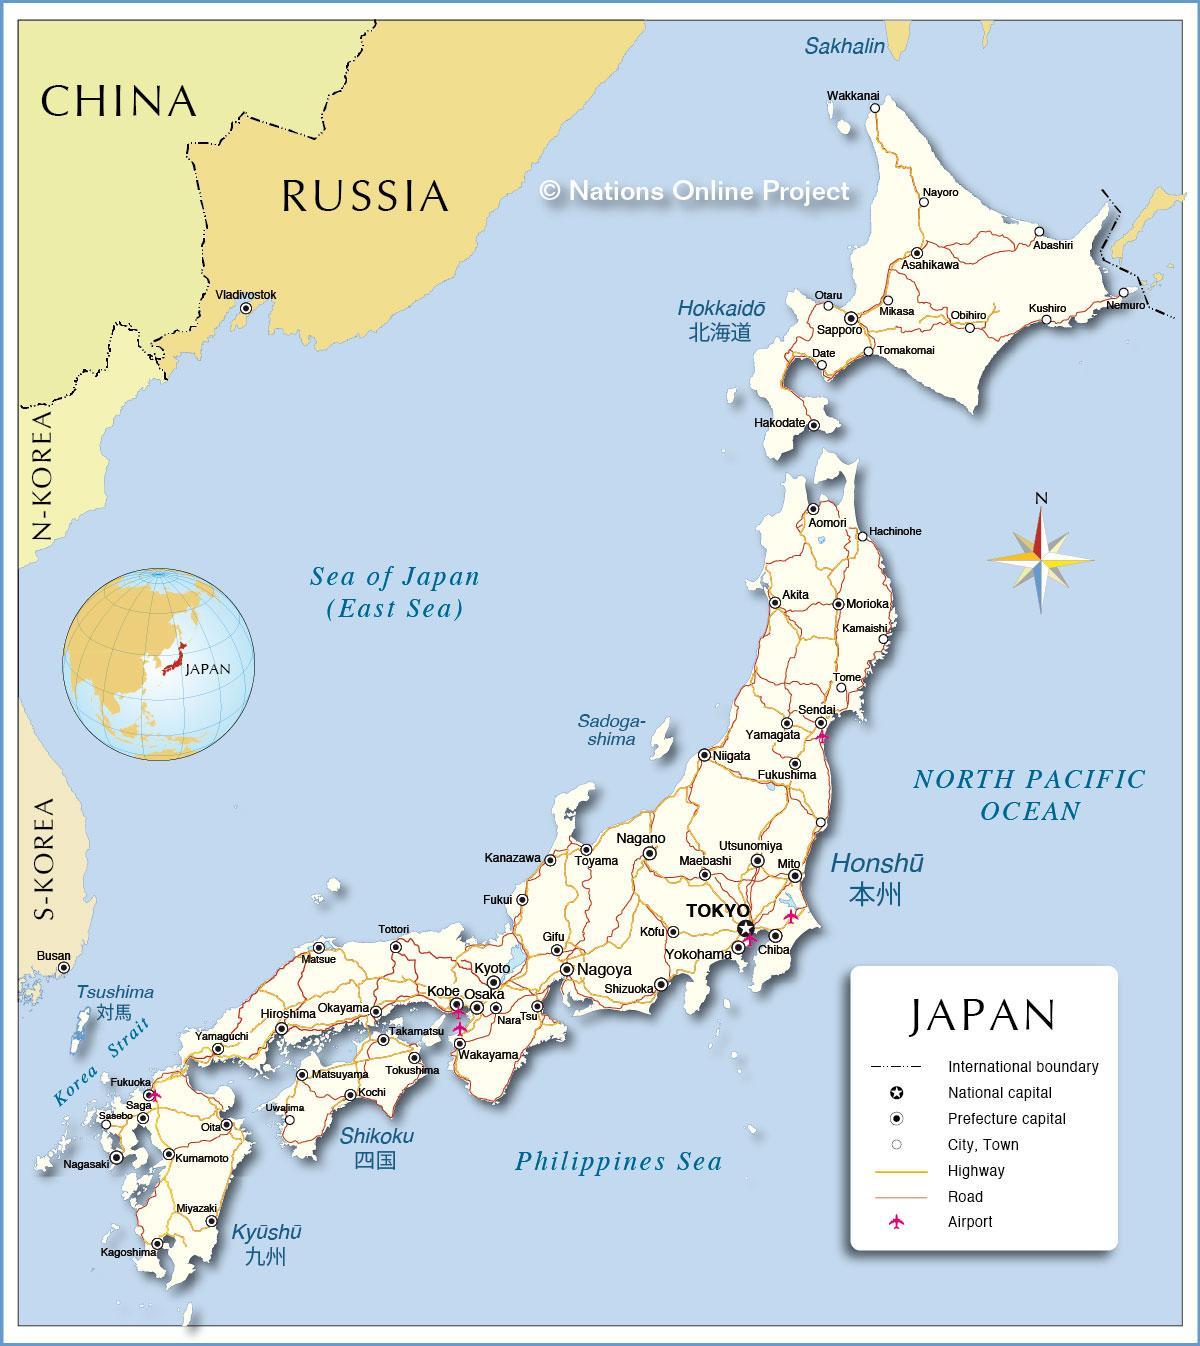 Mapa De Japon Ciudades.Mapa De Japon Ciudades Ciudades De Japon Mapa Asia